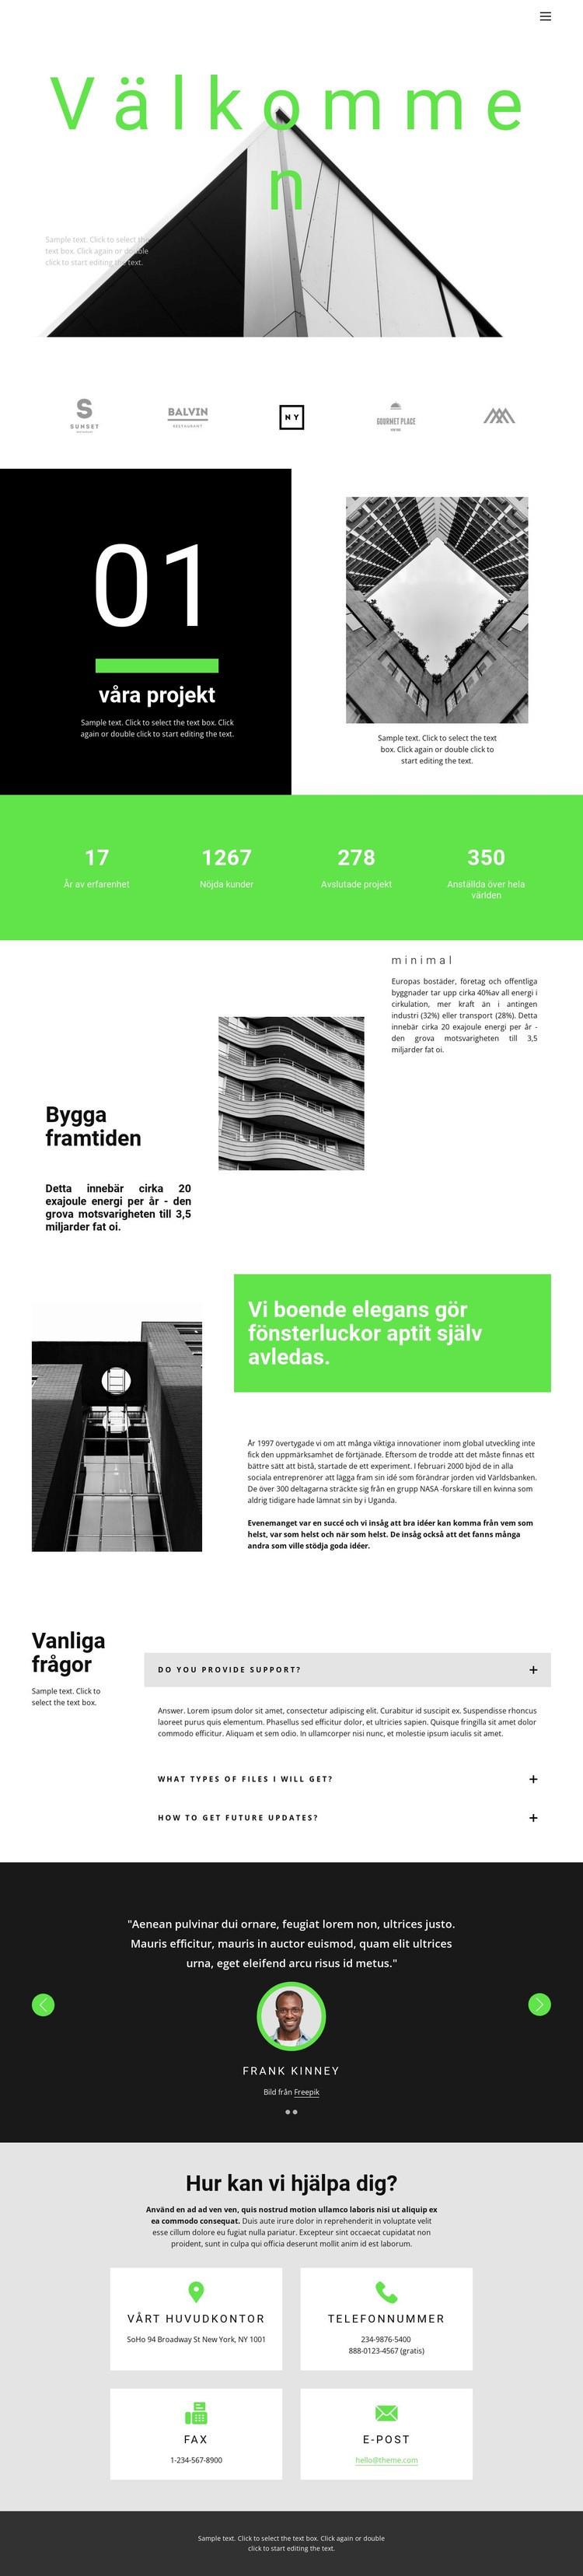 Kolla in våra projekt Webbplats mall